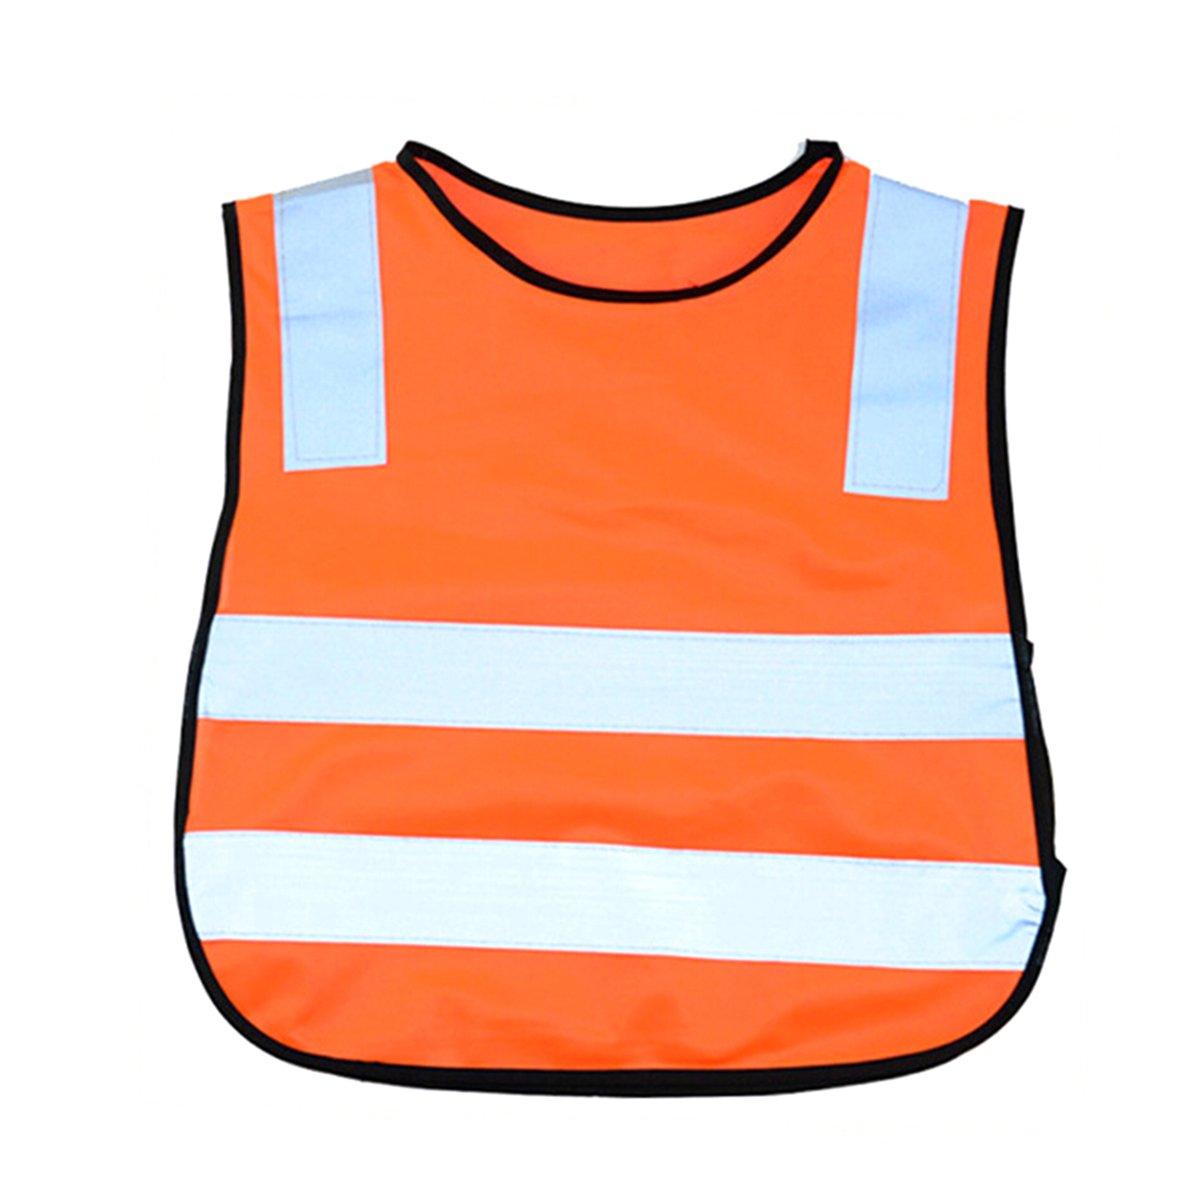 Chaleco Reflectante NUOLUX Chaleco de Seguridad para Niñ os para Correr Trotar Andar en Bicicleta Caminar Deportes en Exterior (Naranja) 0GKG094328OAOF35484